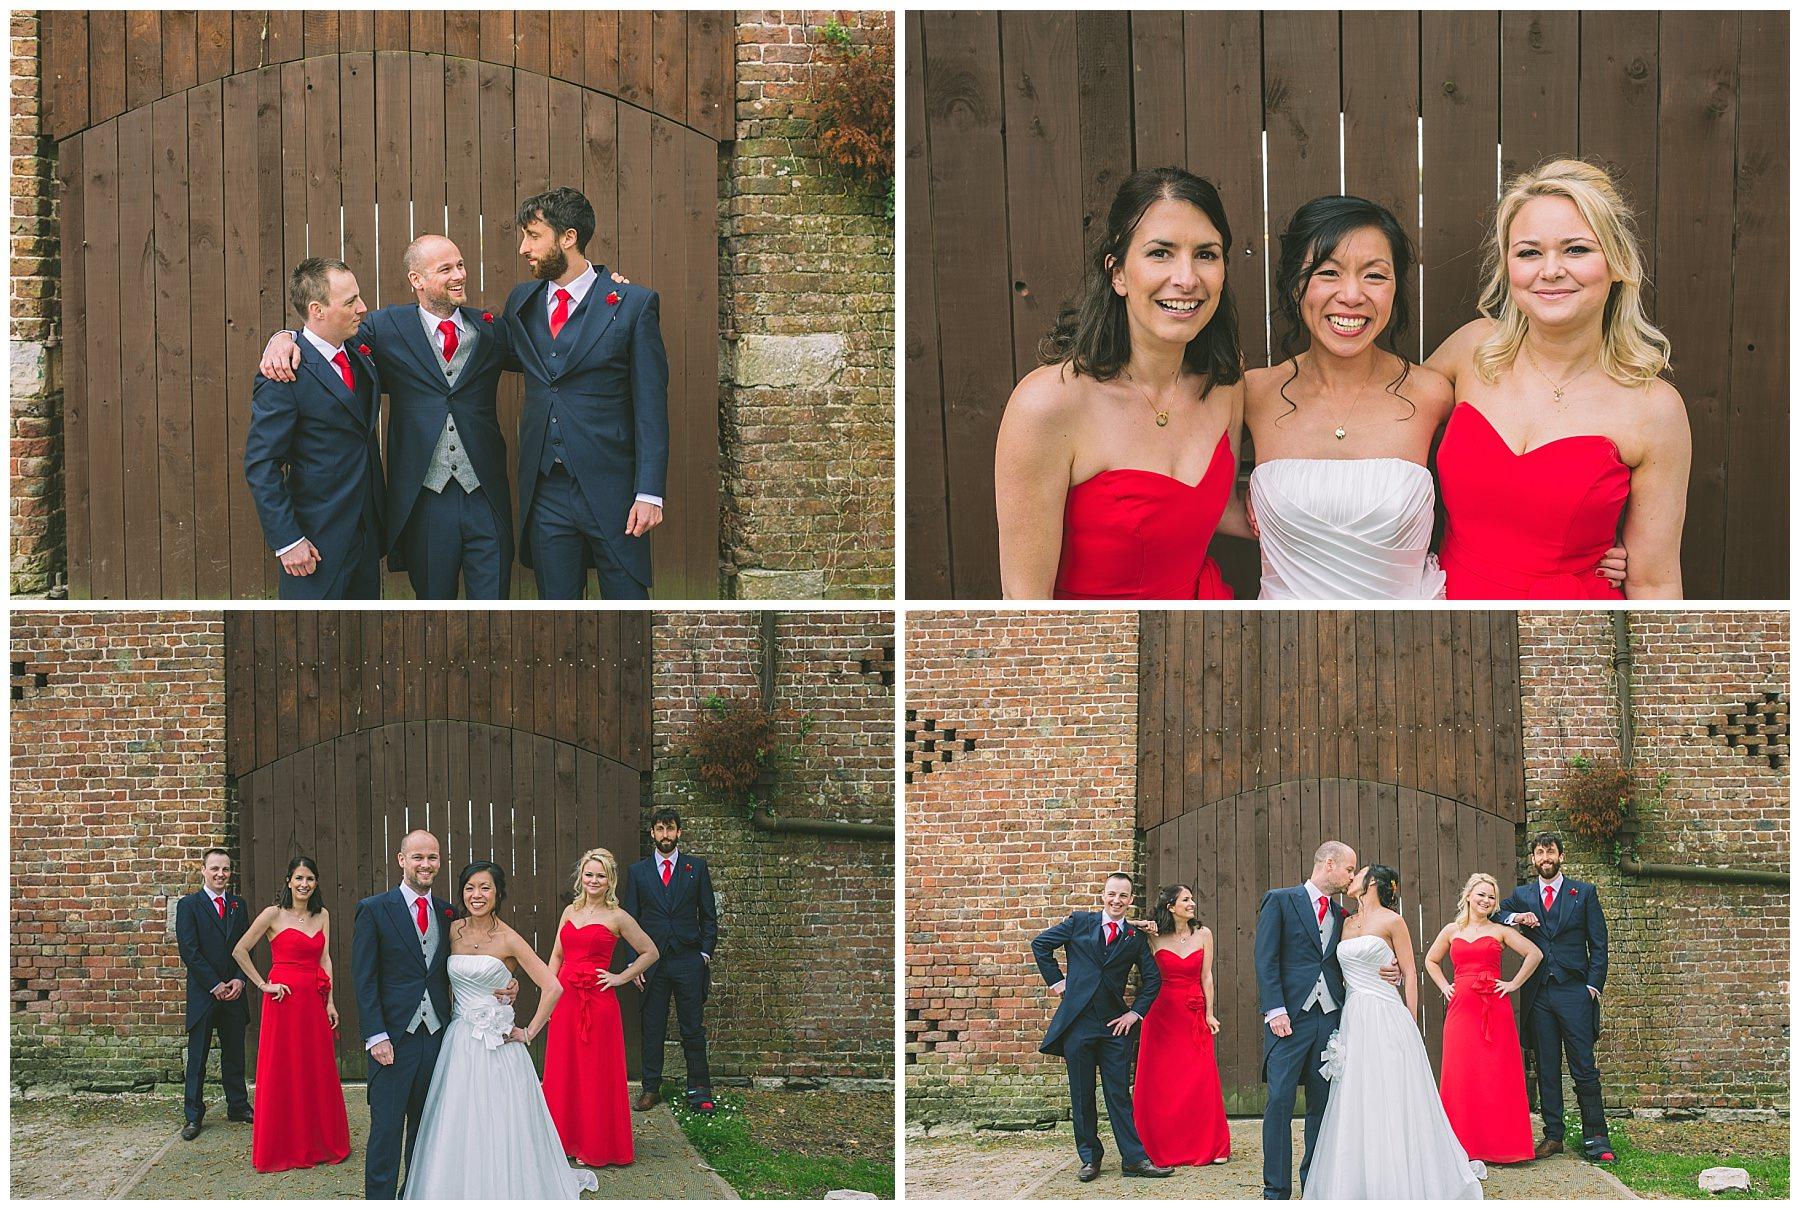 Bridesmaids and Groomsmen group photos at Pentre Mawr